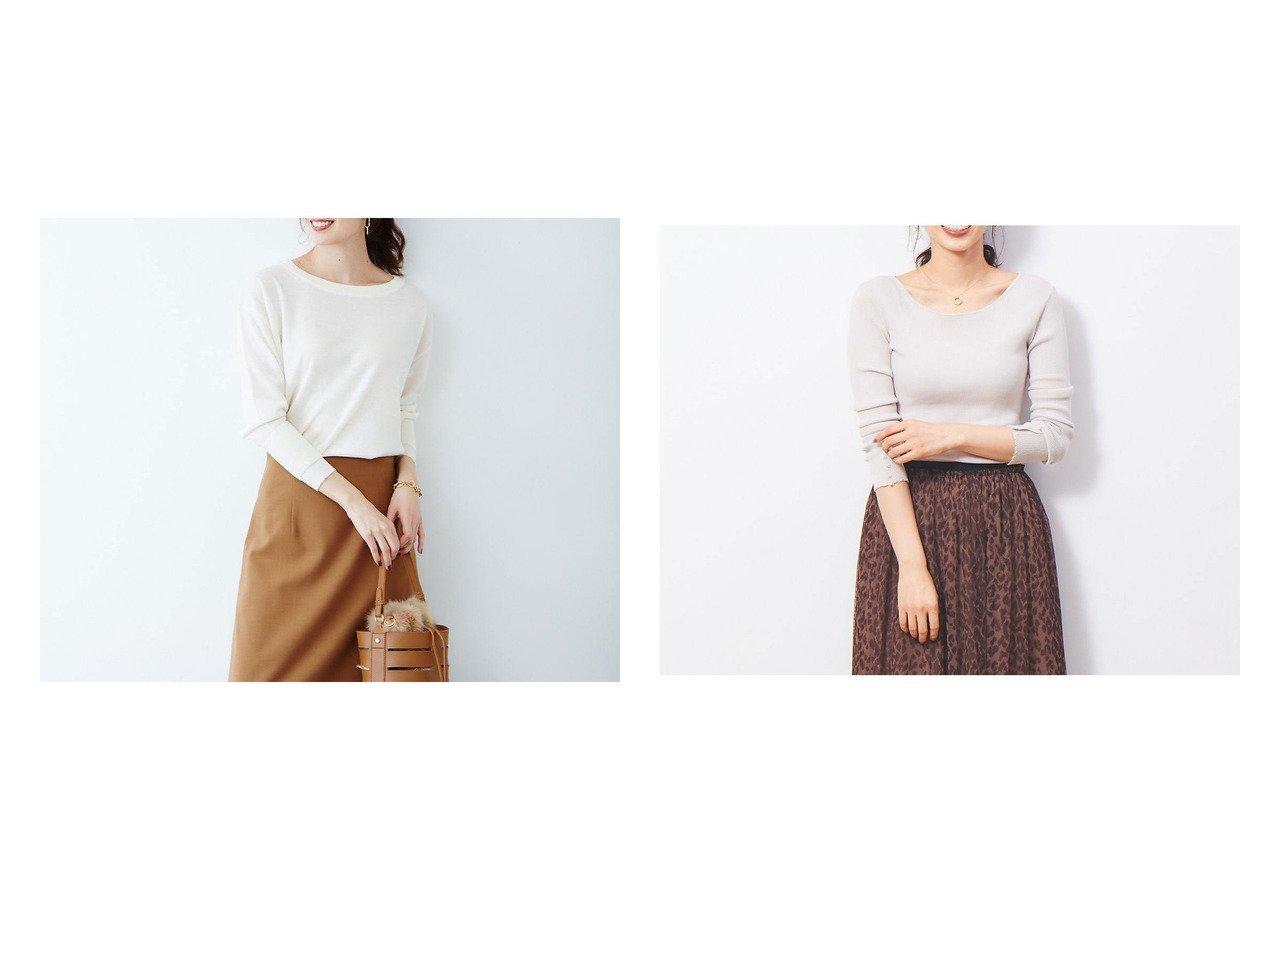 【Rouge vif la cle/ルージュヴィフラクレ】のヴィエラヤーンプルオーバー&ボートネックリブニット Rouge vif la cleのおすすめ!人気、トレンド・レディースファッションの通販  おすすめで人気の流行・トレンド、ファッションの通販商品 メンズファッション・キッズファッション・インテリア・家具・レディースファッション・服の通販 founy(ファニー) https://founy.com/ ファッション Fashion レディースファッション WOMEN トップス Tops Tshirt プルオーバー Pullover ニット Knit Tops A/W 秋冬 AW Autumn/Winter / FW Fall-Winter カーディガン シンプル デコルテ インナー ジャケット タートルネック  ID:crp329100000017629